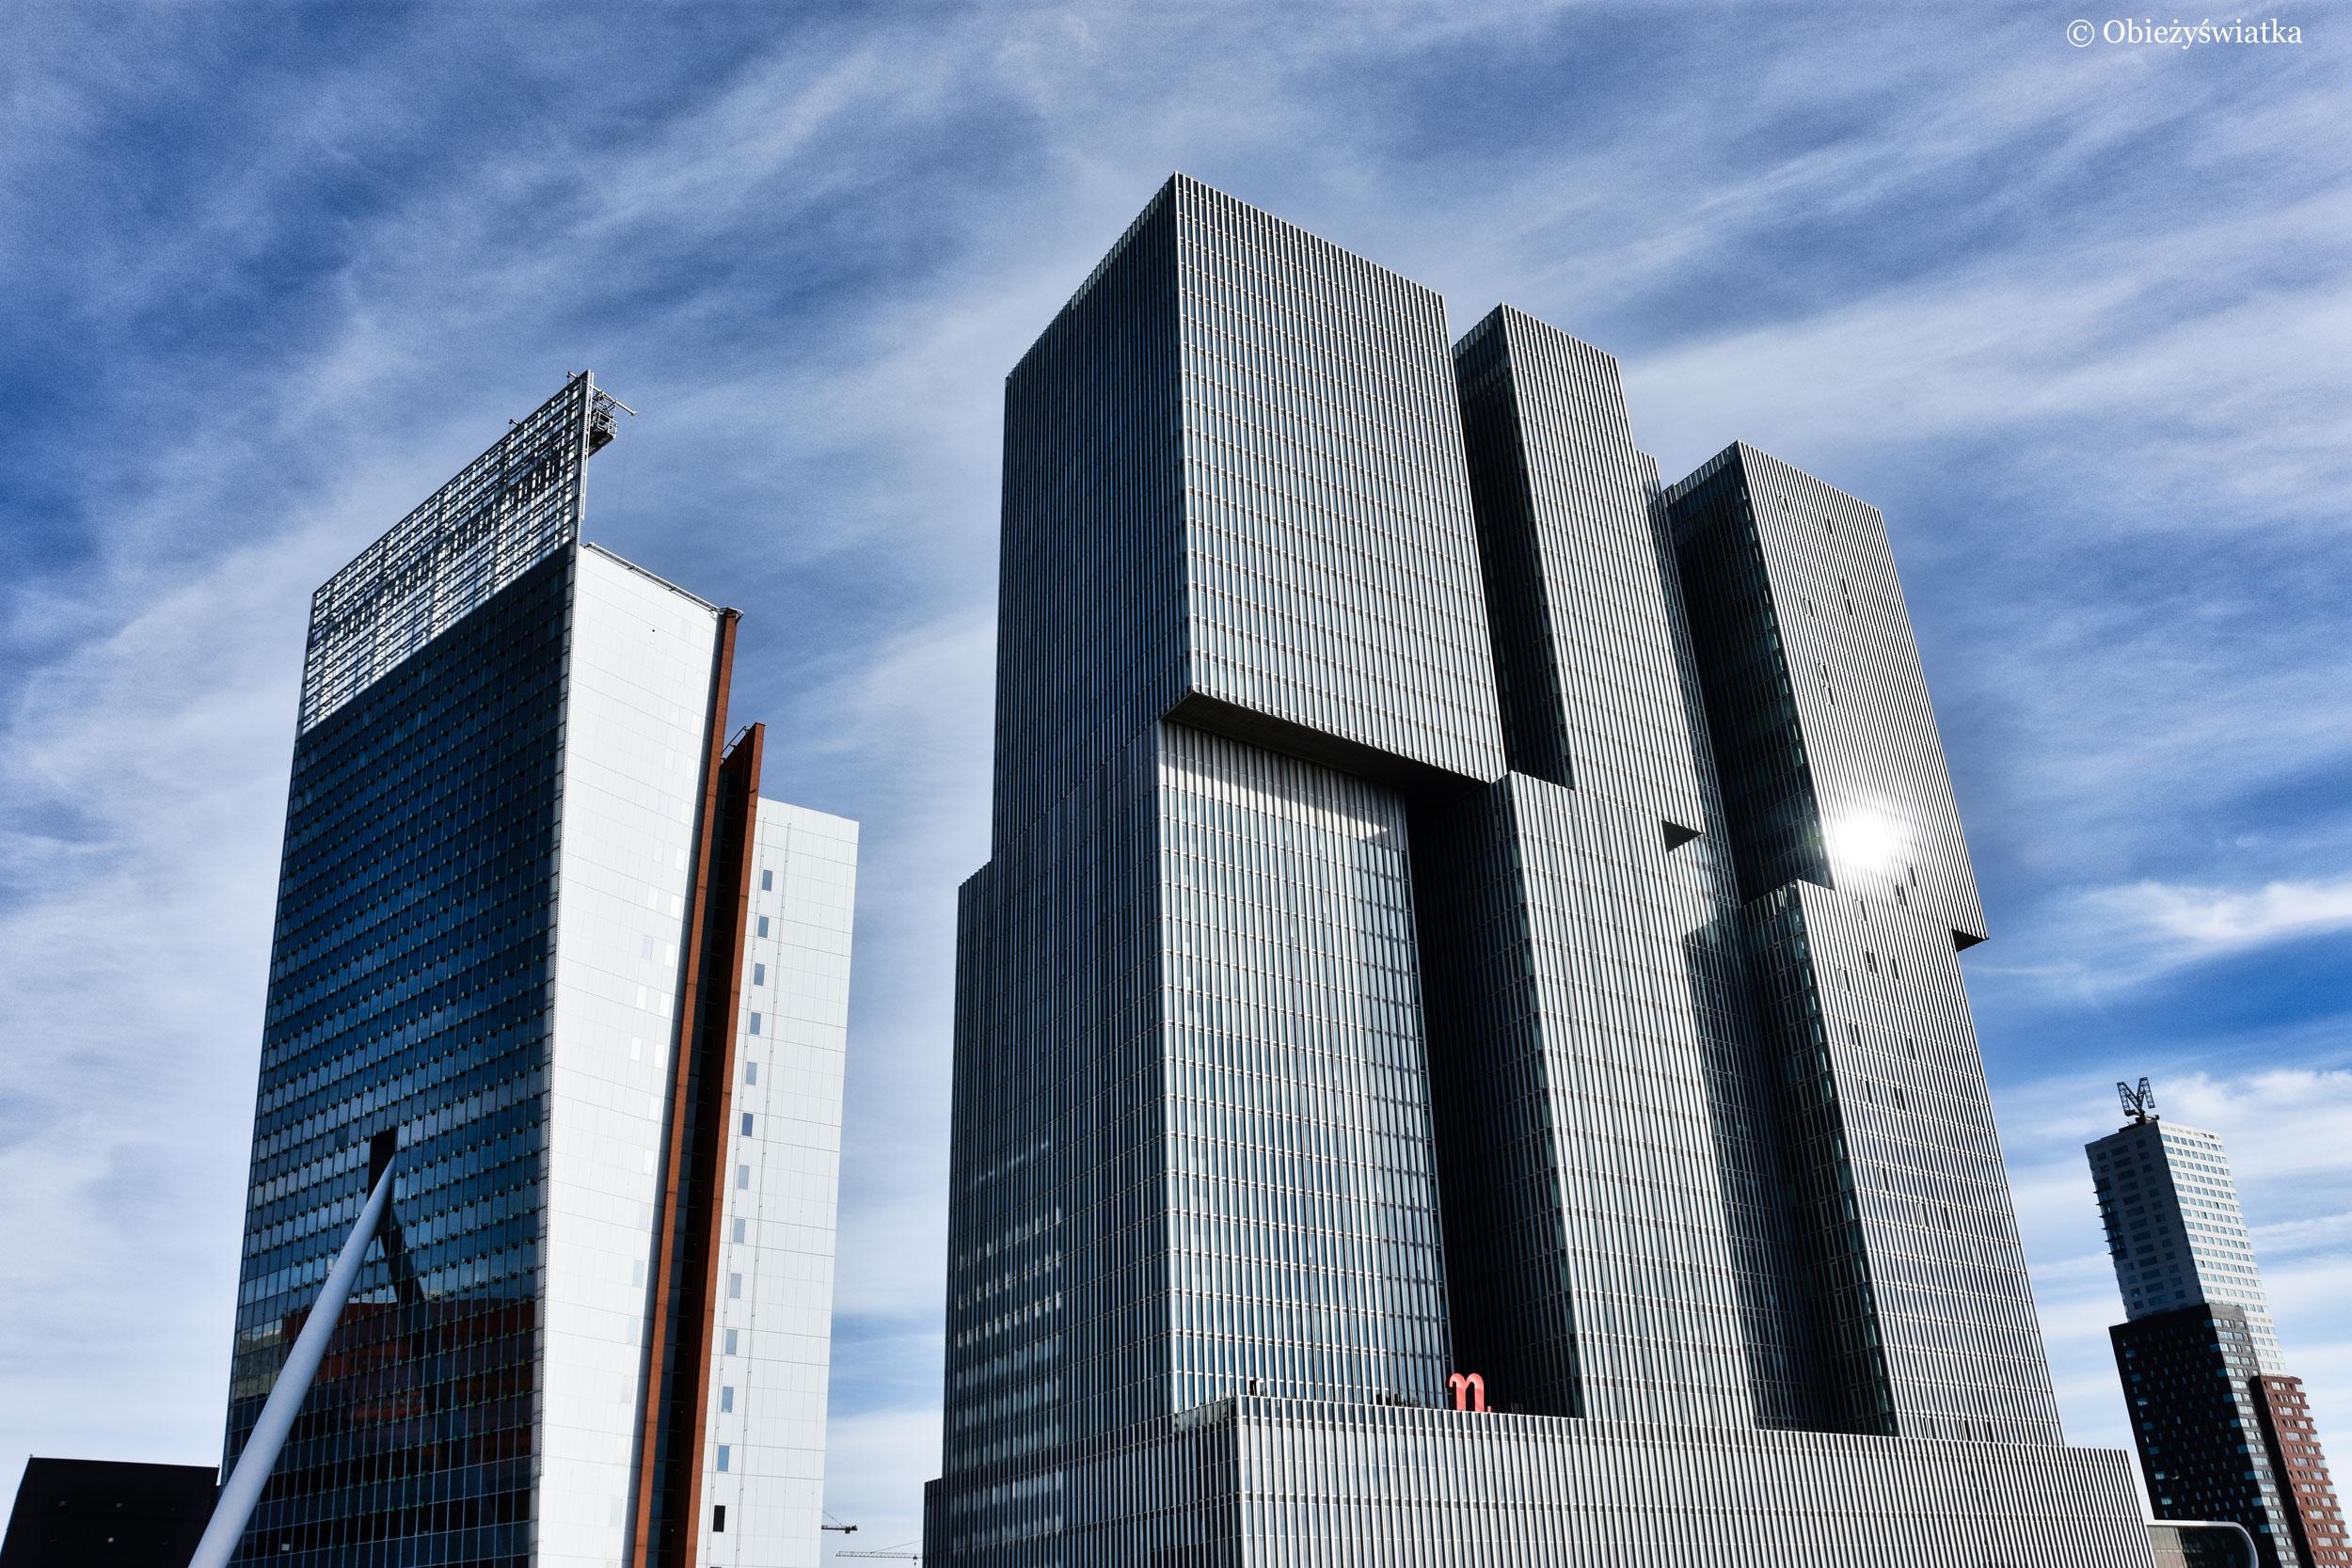 Pomysłowe bryły - De Rotterdam i Toren op Zuid, Rotterdam